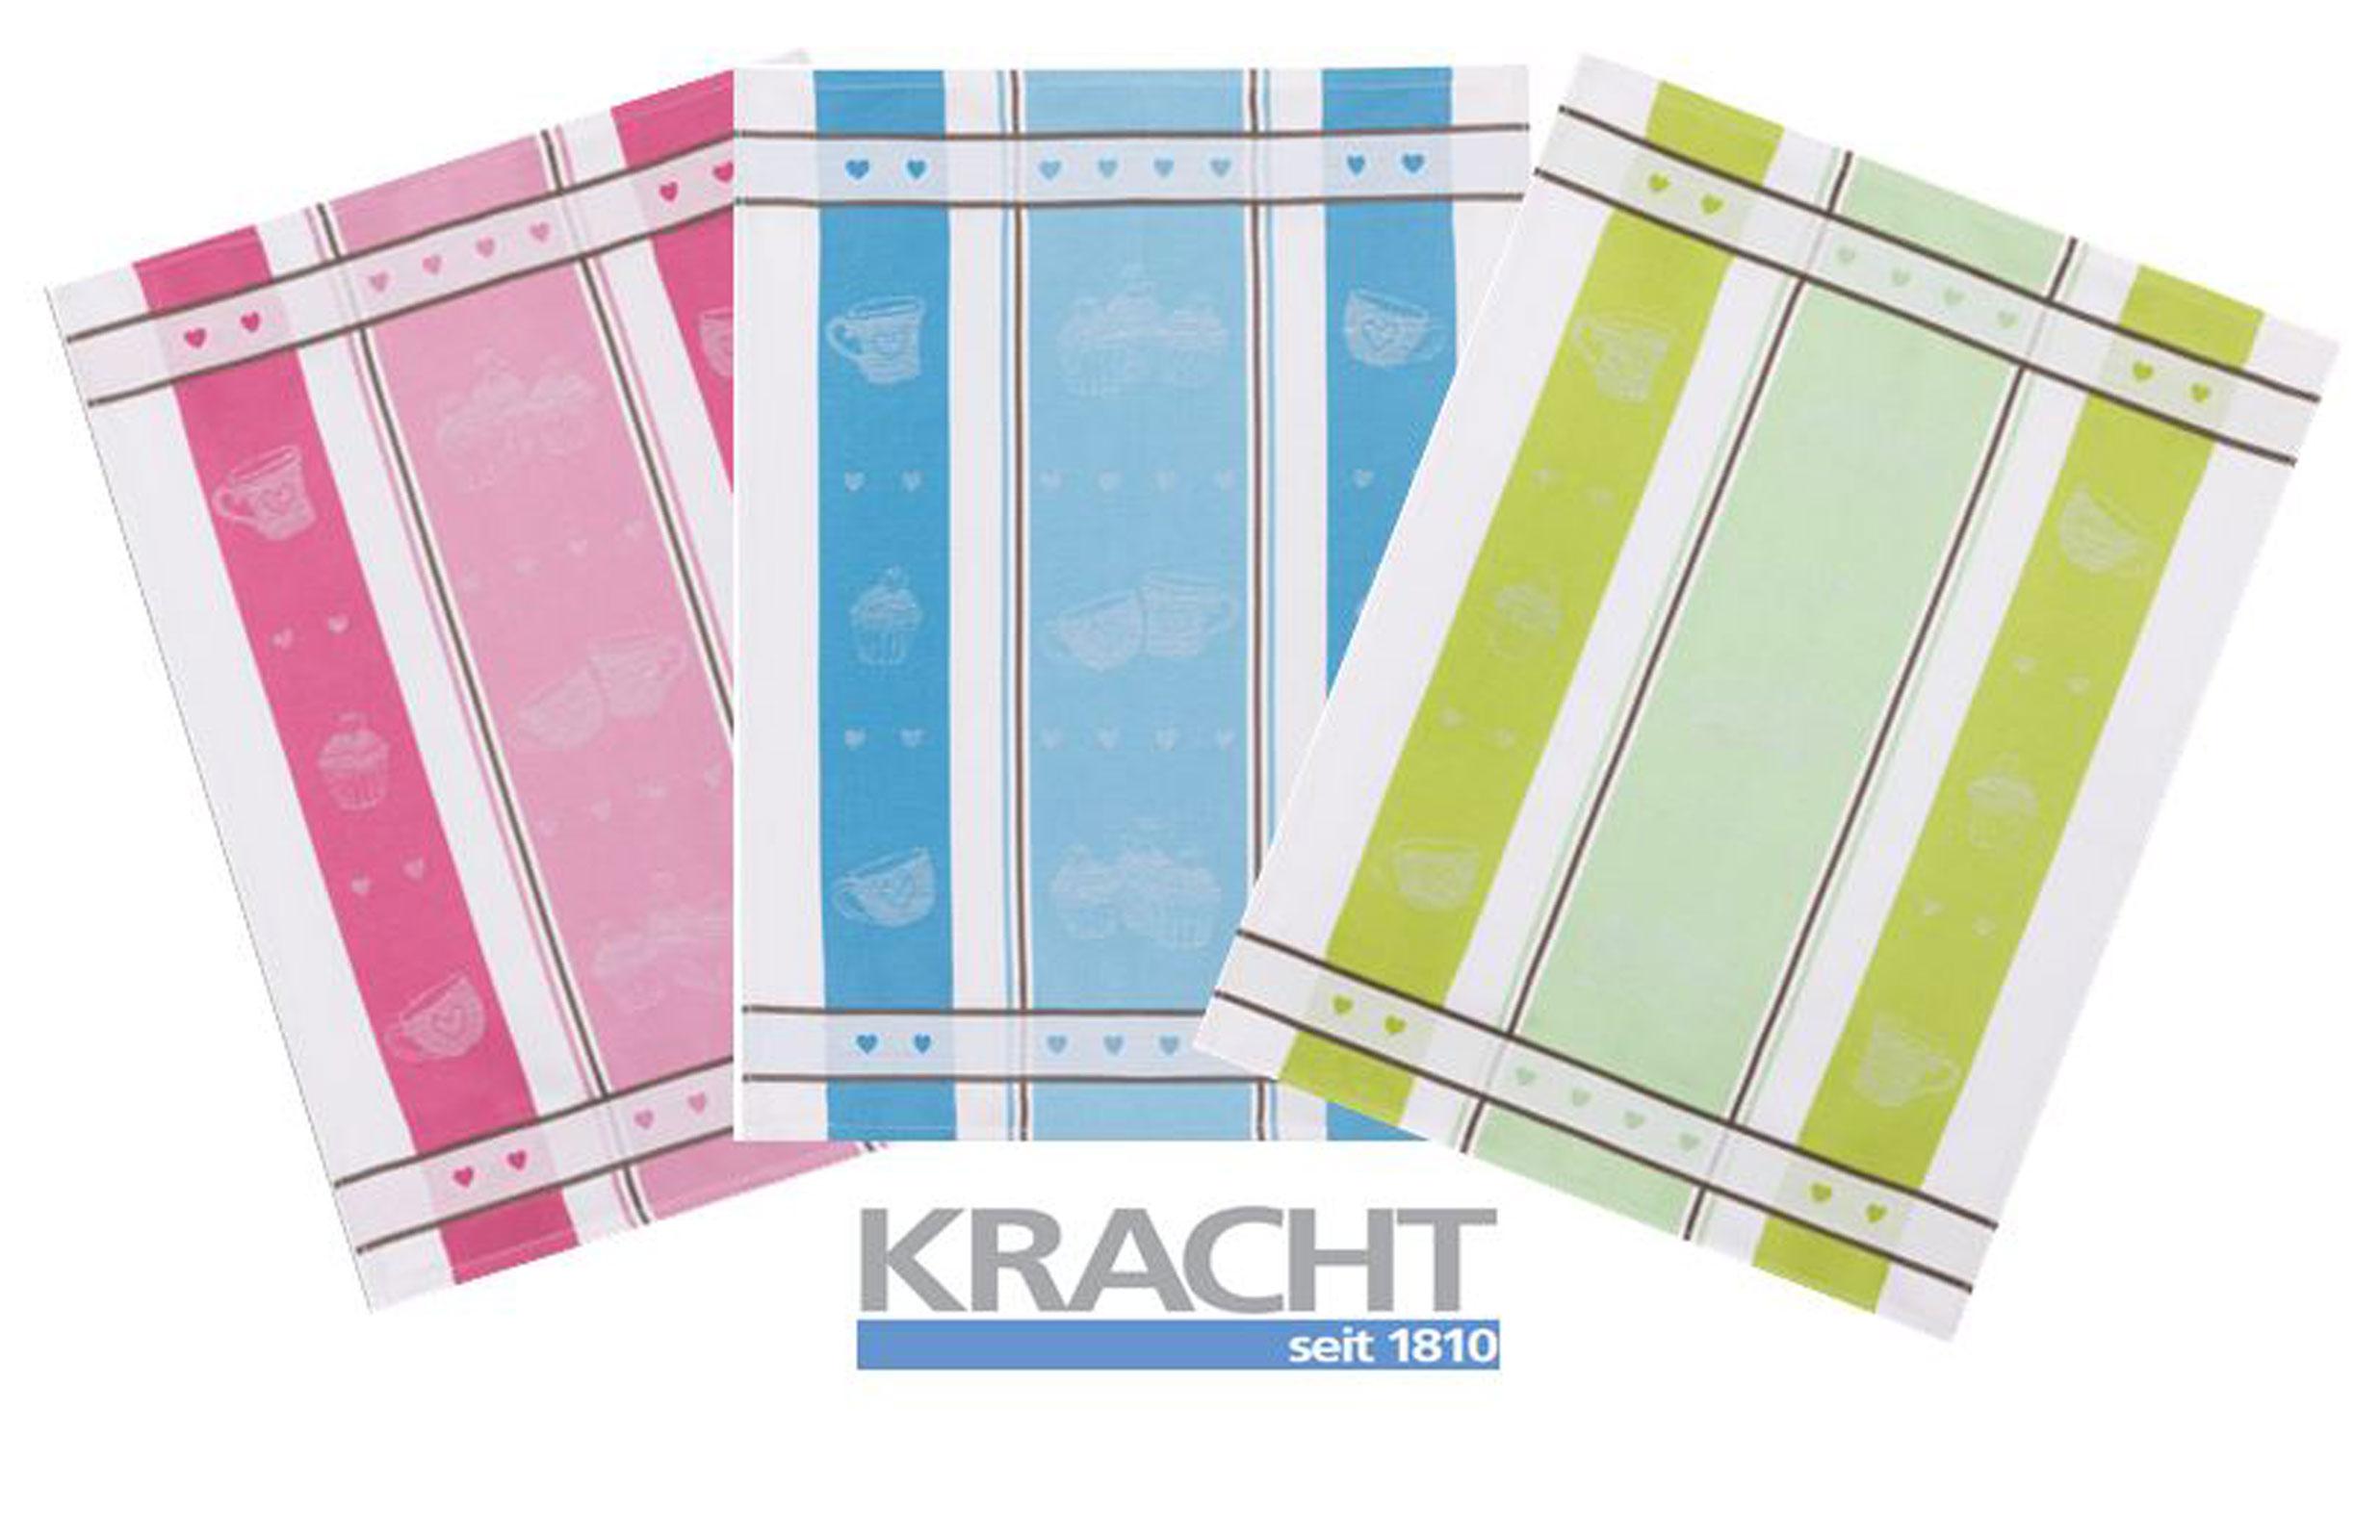 Küchentextilien - 3er Pack Kracht Halbleinen Geschirrtuch 50x70 farblich sortiert 2 250 70 Cupcakes  - Onlineshop PremiumShop321